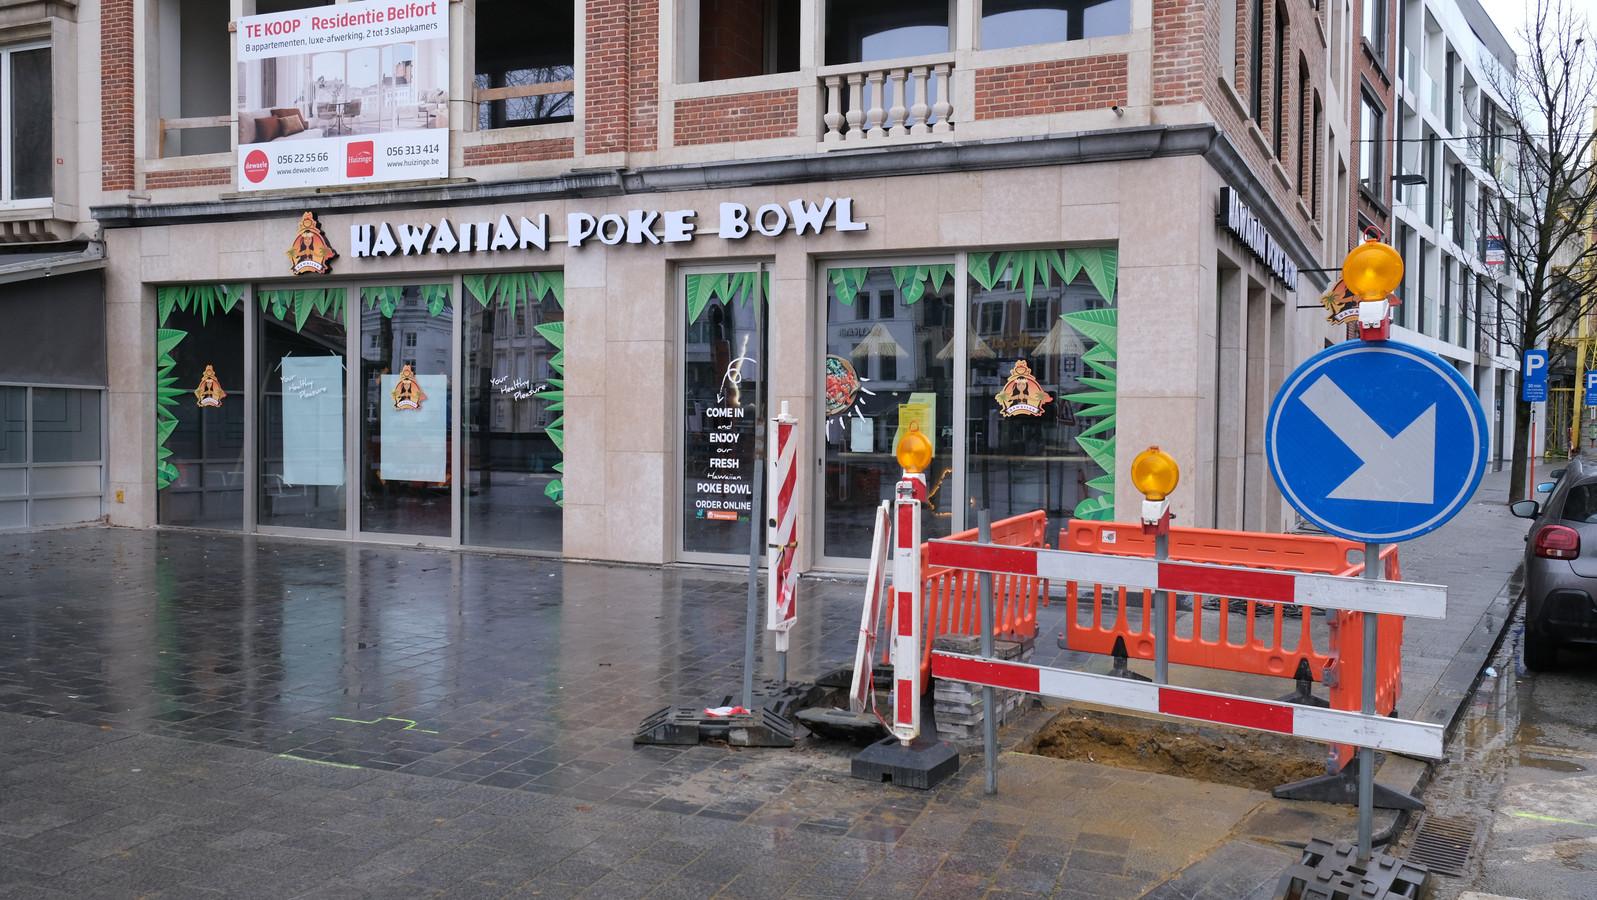 Hawaiian Poké Bowl zit op het gelijkvloers van residentie Belfort, op de hoek van de Grote Markt en Rijselsestraat